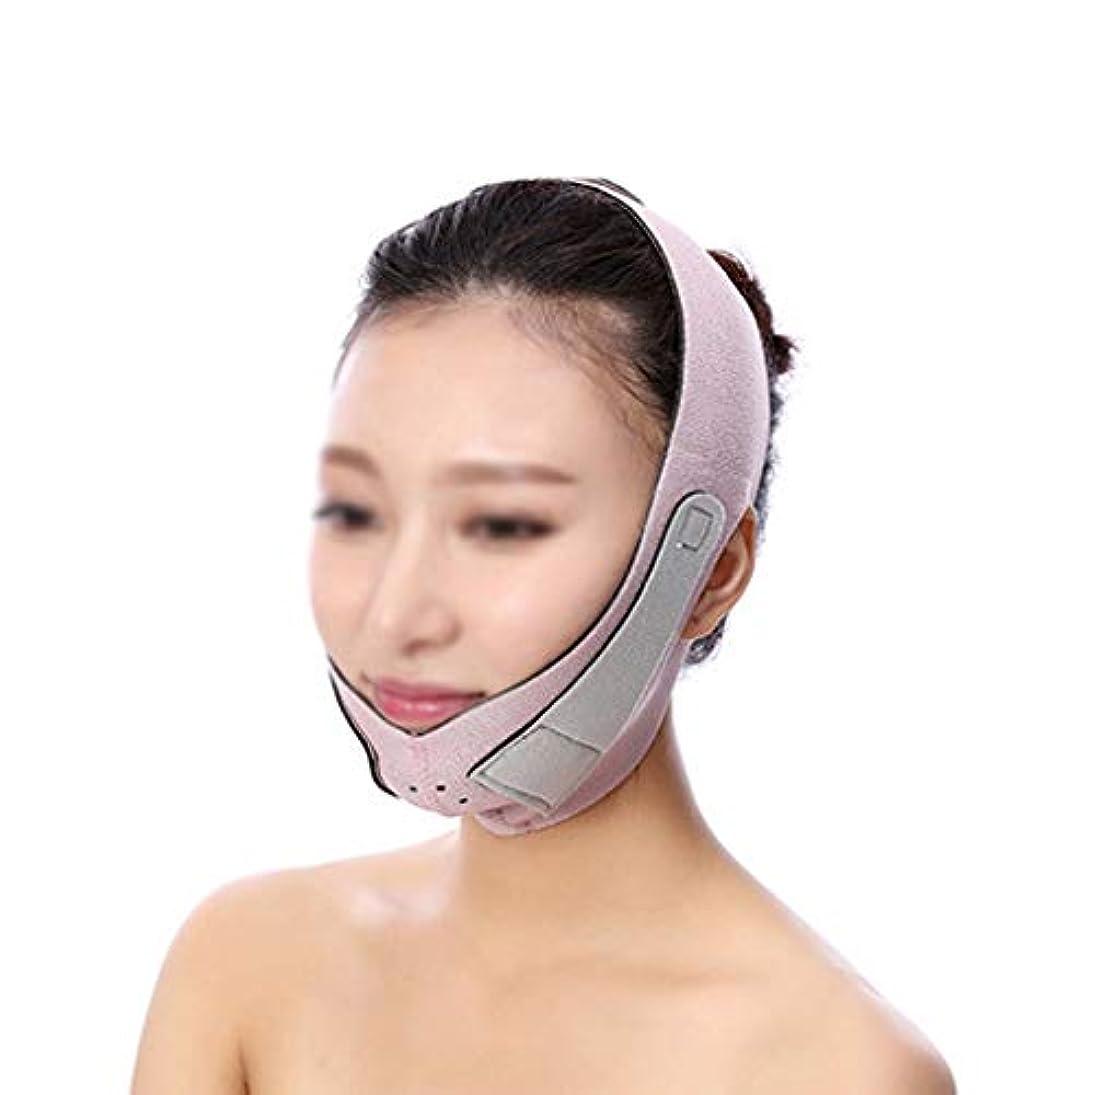 息子使用法ぞっとするようなXHLMRMJ 薄型フェイスマスク、フェイスリフティングに最適、フェイスバンドを引き締めて肌の包帯を締め、頬あごの持ち上げ、肌の包帯を引き締める(ワンサイズはすべてにフィット) (Color : Purple)